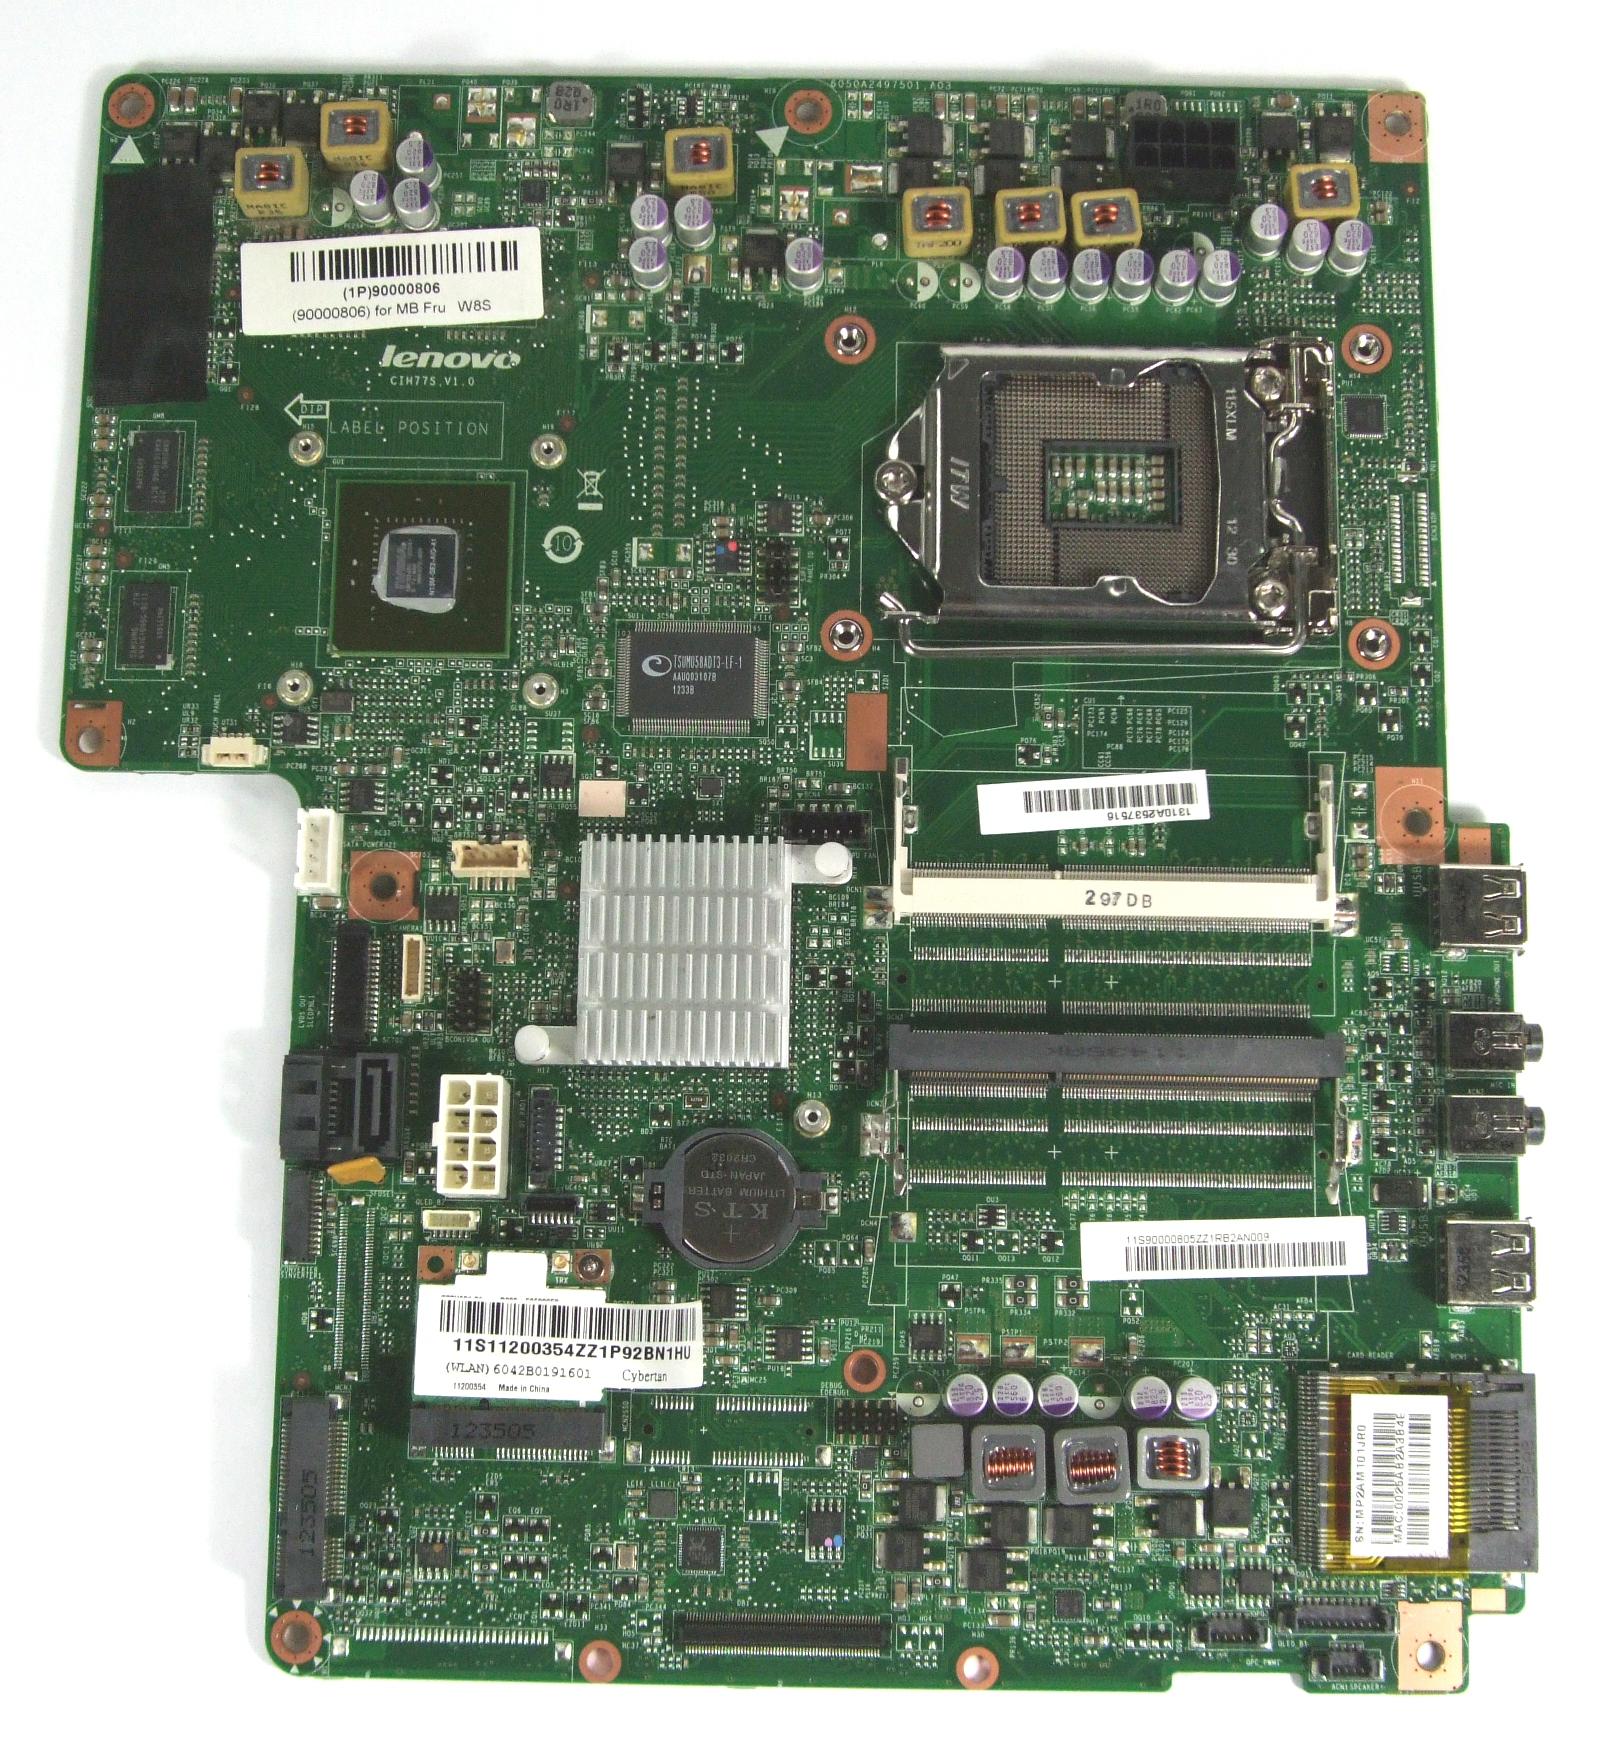 Lenovo CIH77S IdeaCenter B540P Motherboard - 1310A2537516 / 90000806